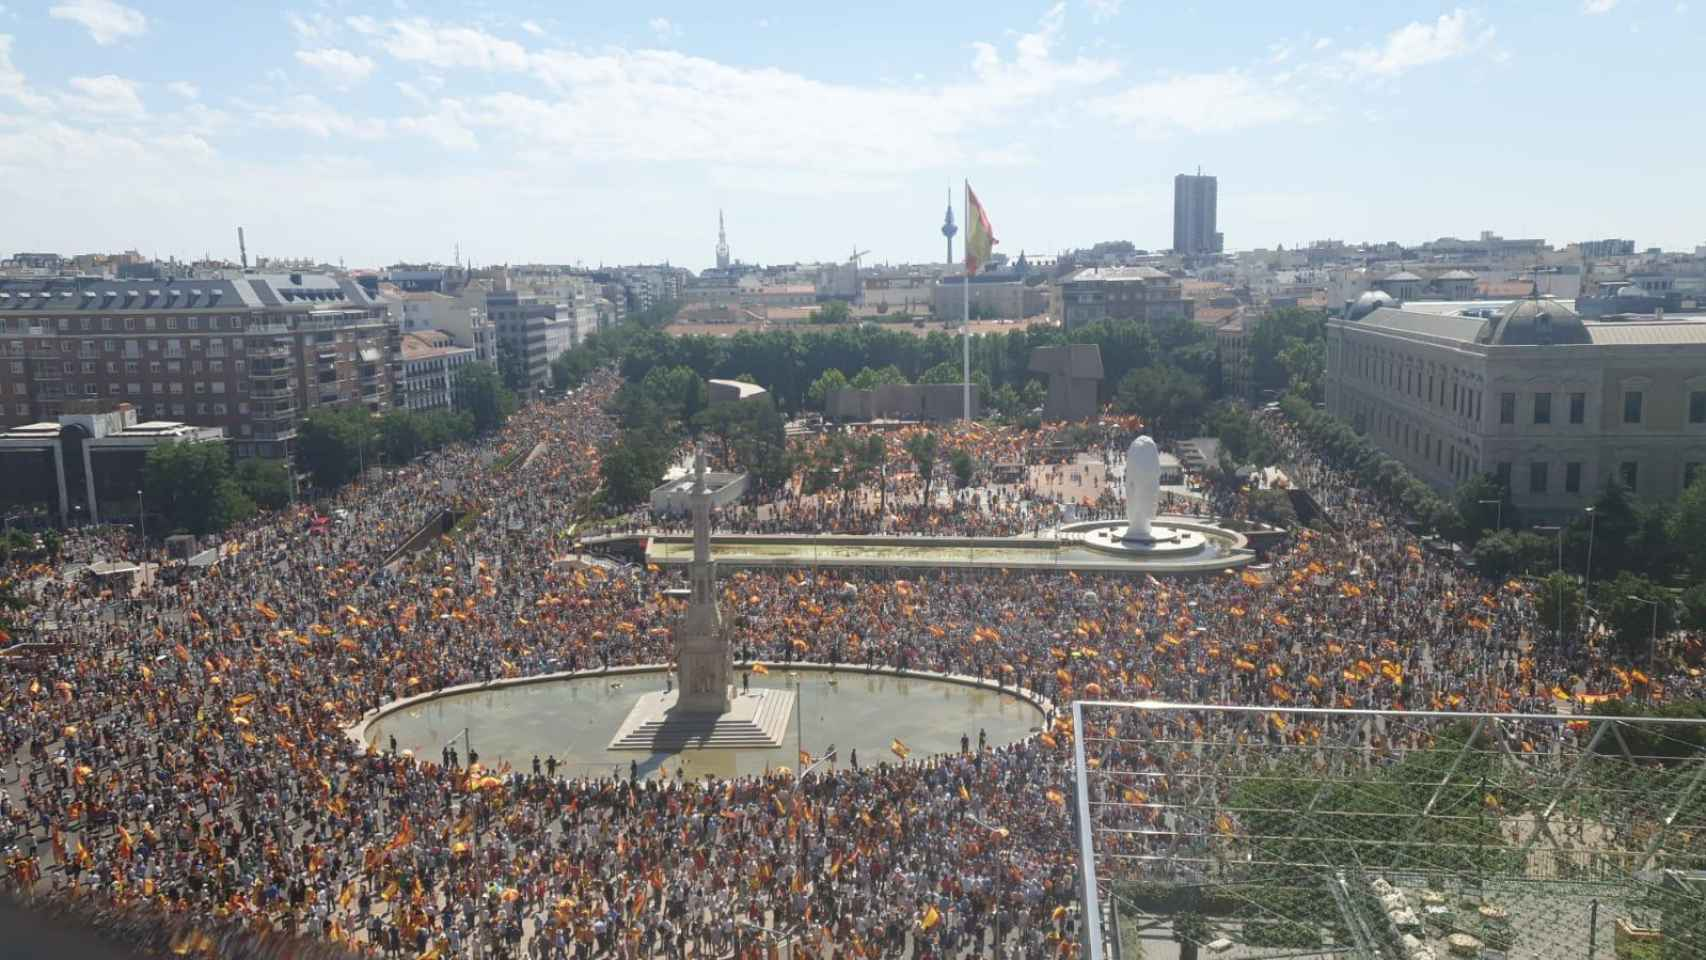 Vista aérea de la plaza de Colón de Madrid este domingo 13 de junio.